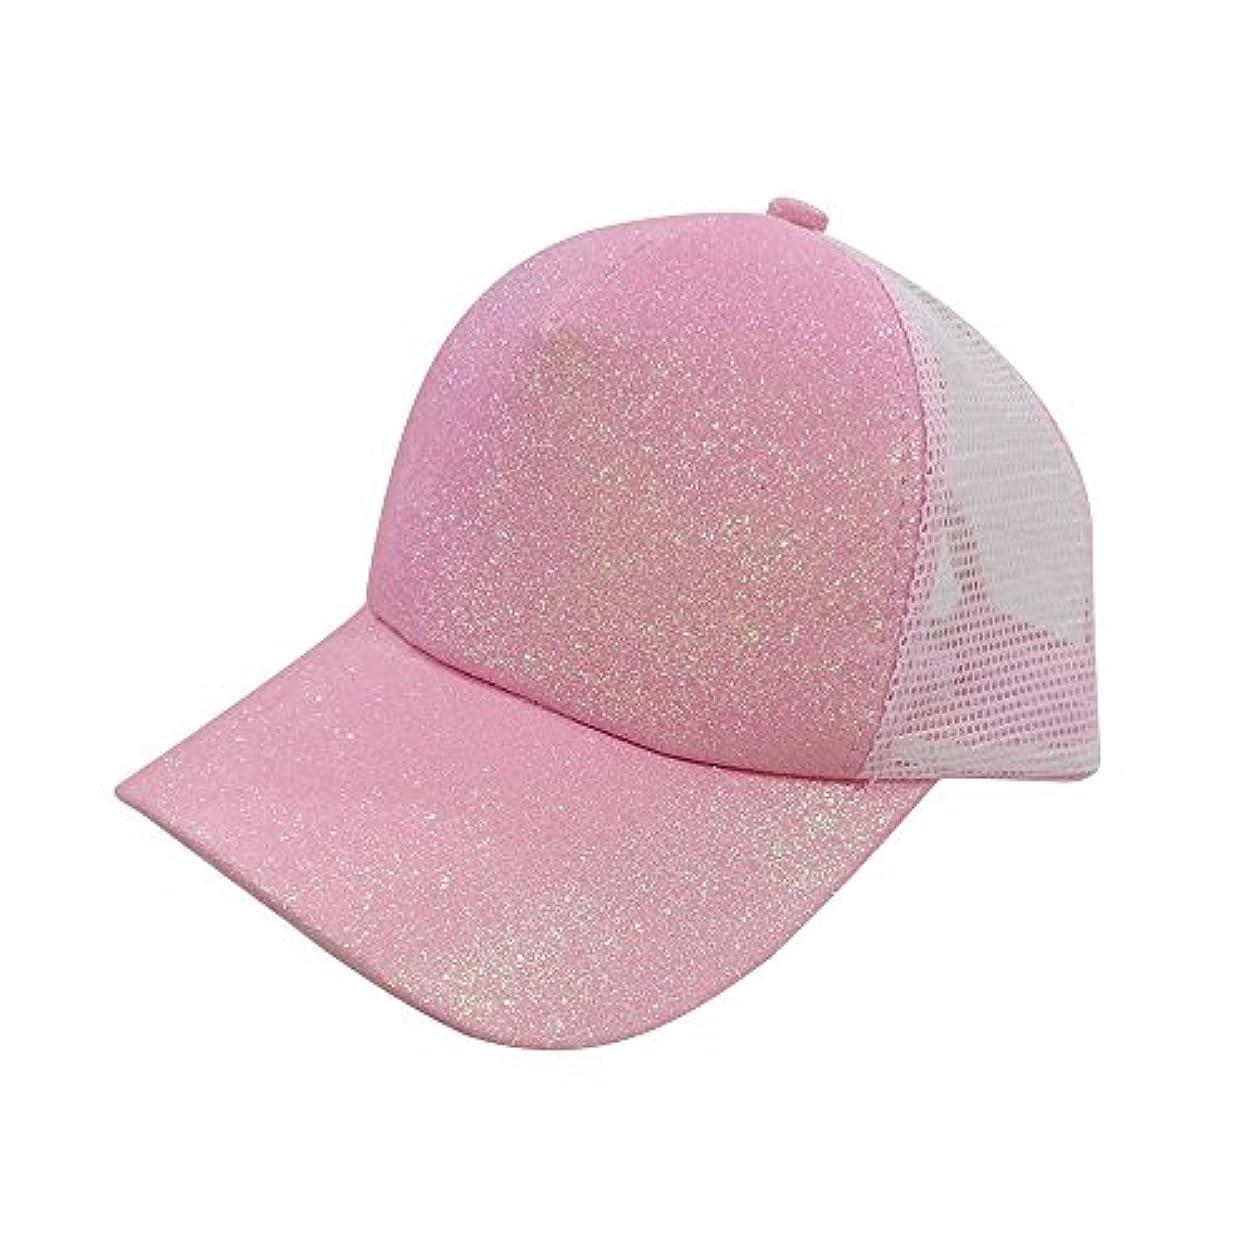 医学師匠魅了するRacazing Cap スパンコール 無地 メッシュ 野球帽 通気性のある ヒップホップ 帽子 夏 登山 可調整可能 棒球帽 男女兼用 UV 帽子 軽量 屋外 Unisex Cap (ピンク)